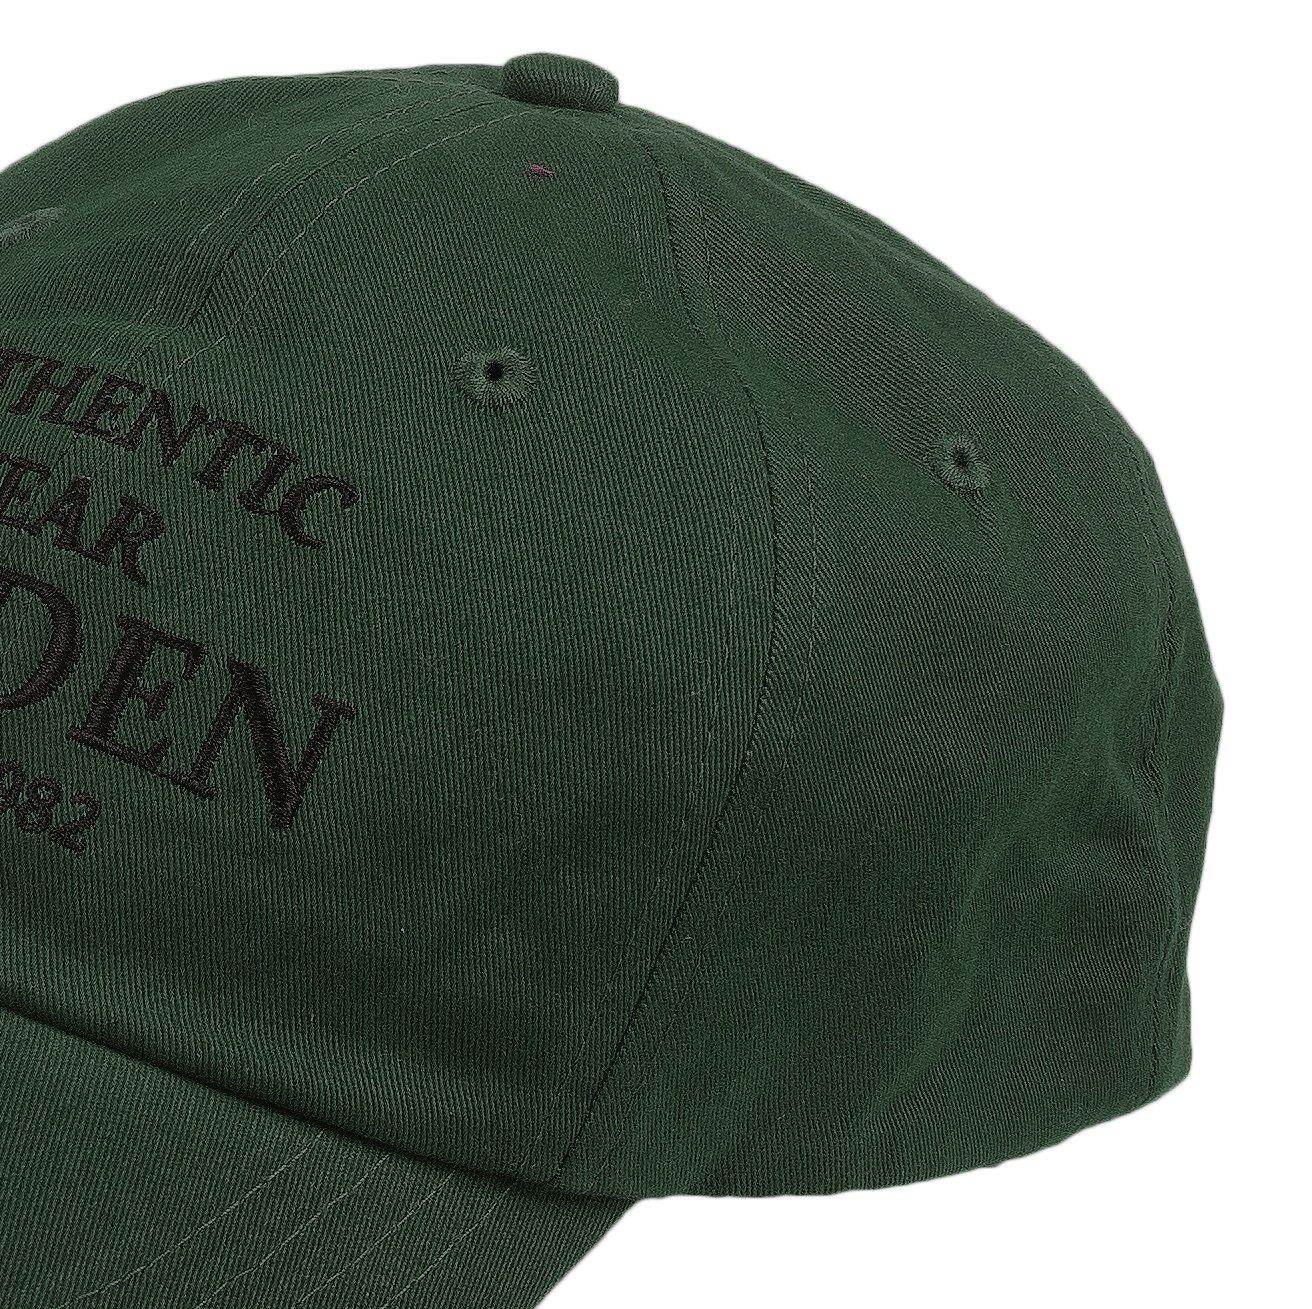 Eccellente Protezione dalle intemperie, Fladen Abbigliamento da Pesca 22-AW1833G 100/% Cotone Cappellino da Baseball con Visiera Parasole Colore: Verde